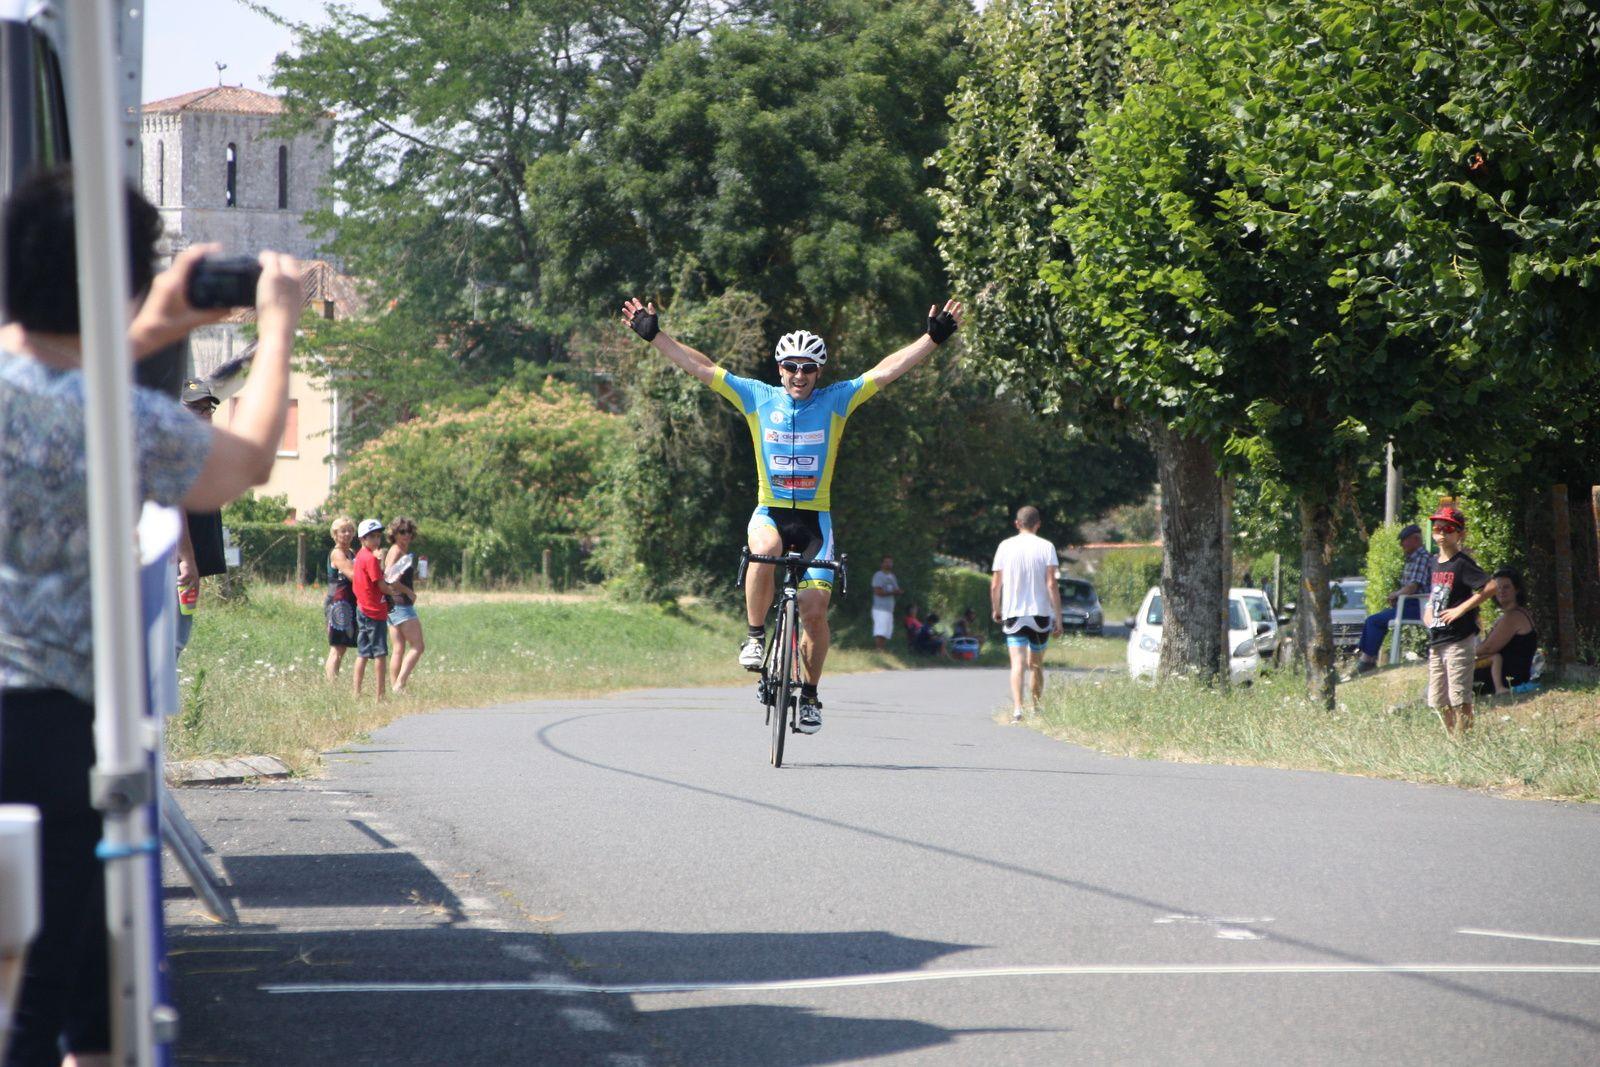 L'arrivée  et  la  victoire  pour  Yannick  FOUGERET(PC  Oléron)